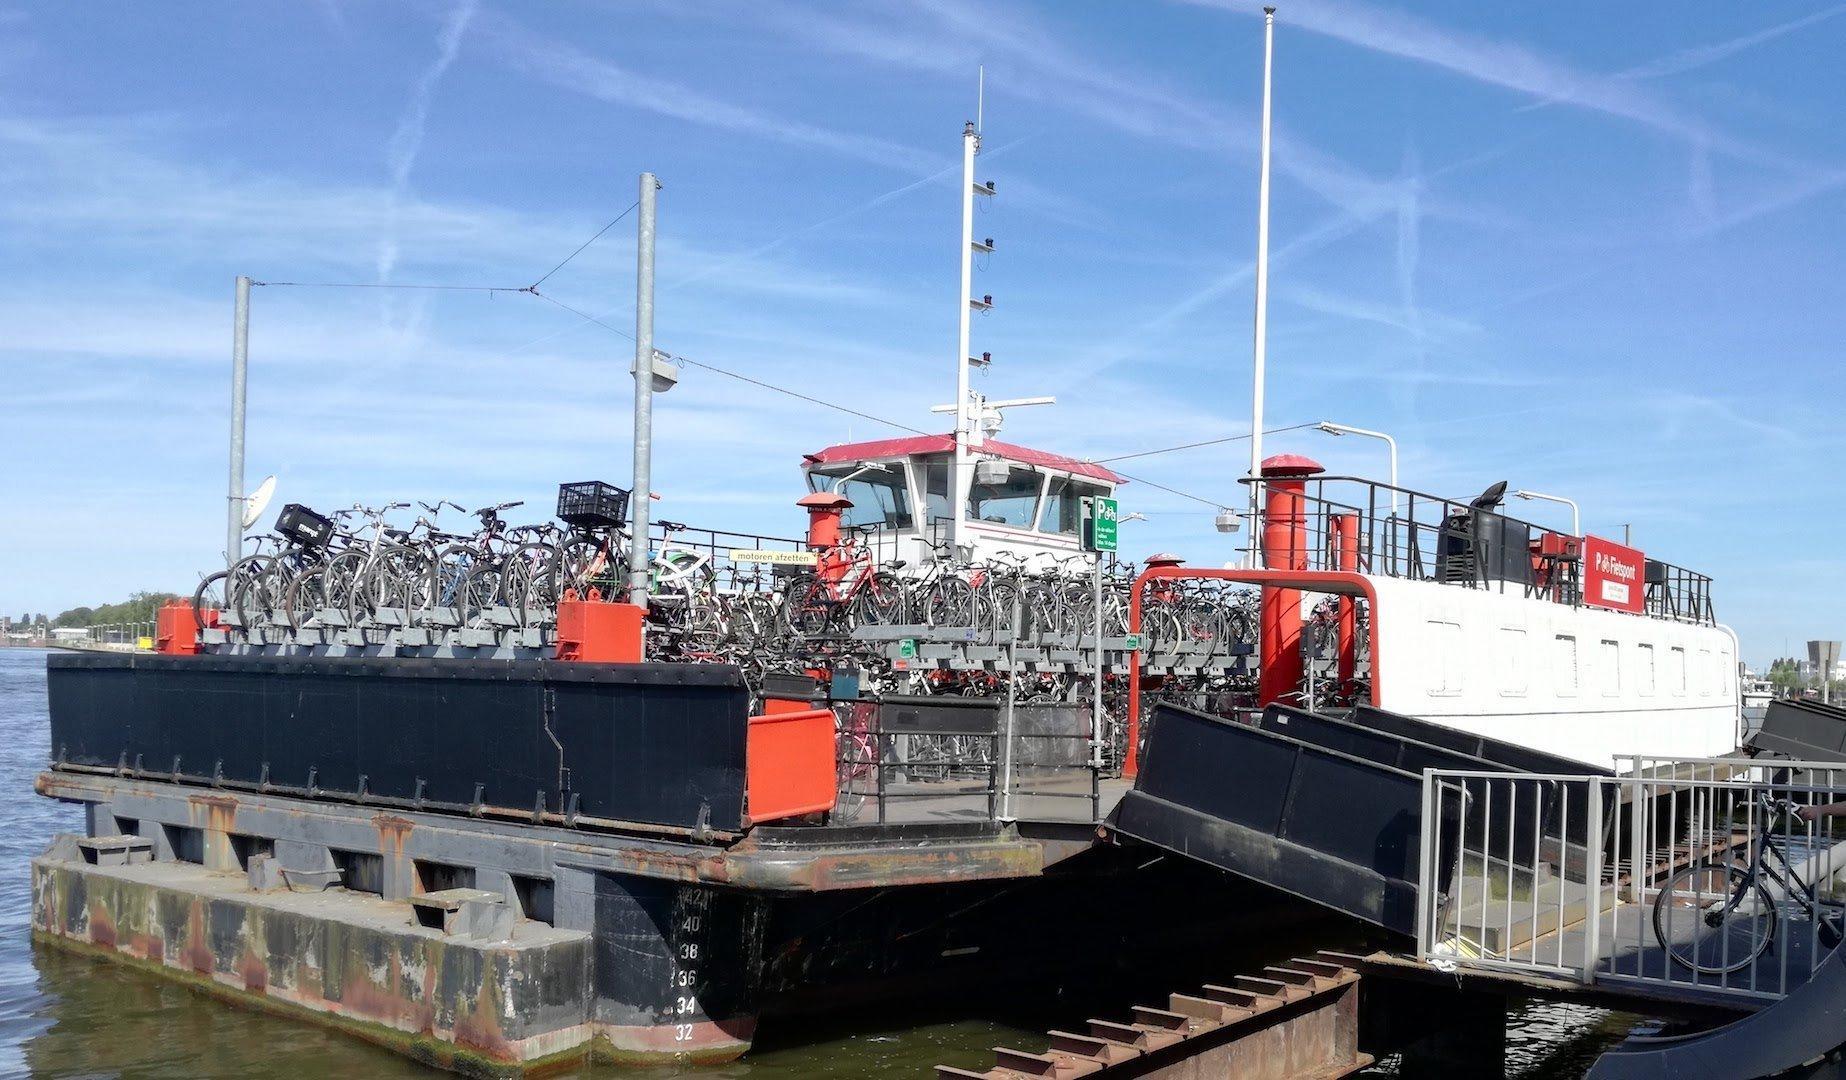 Am Hafen dockt ein Schiff an, das beladen mit Fahrrädern ist.